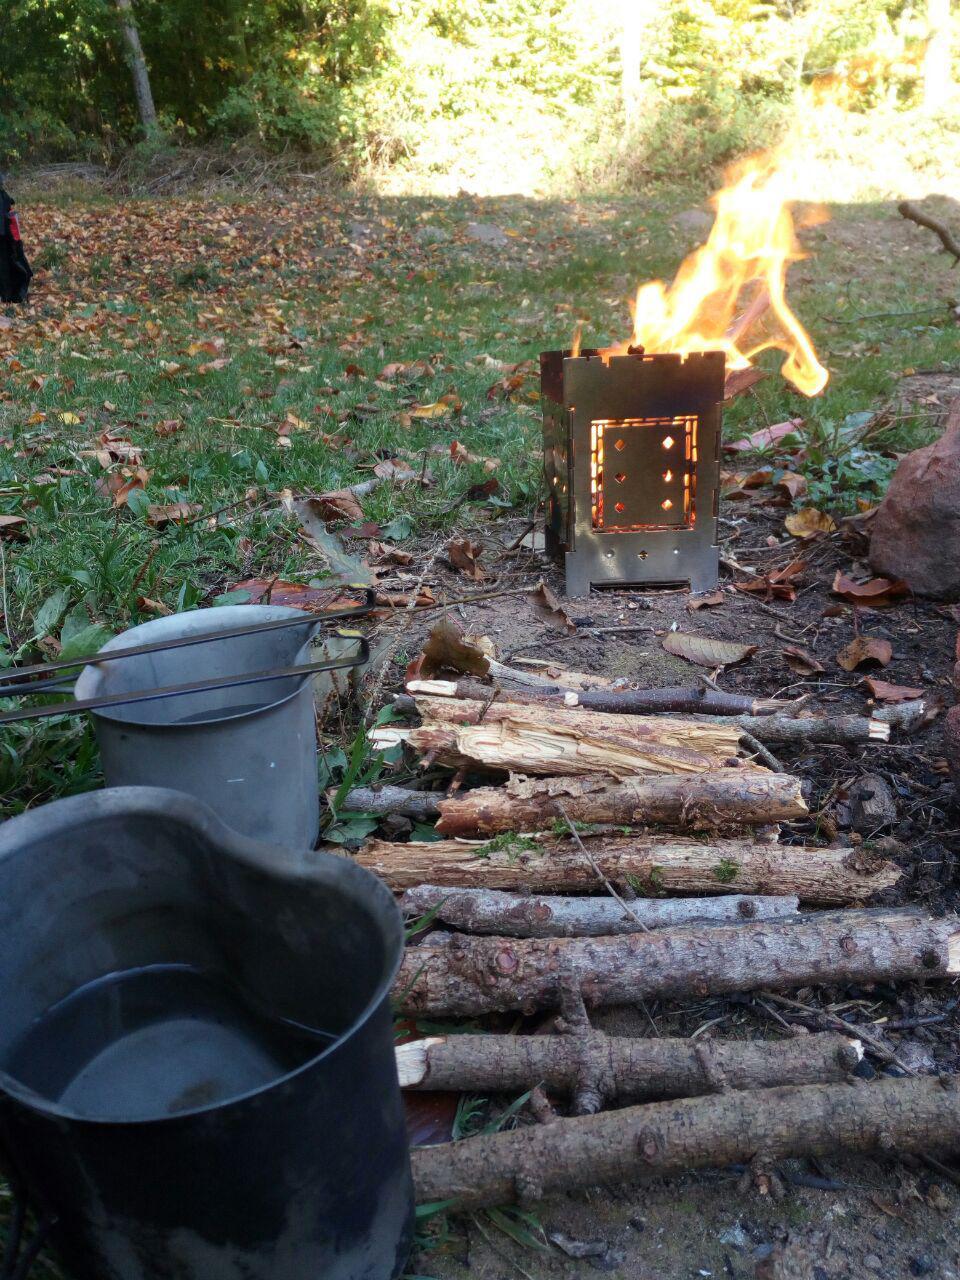 Frühstückspause an einer Feuerstelle.